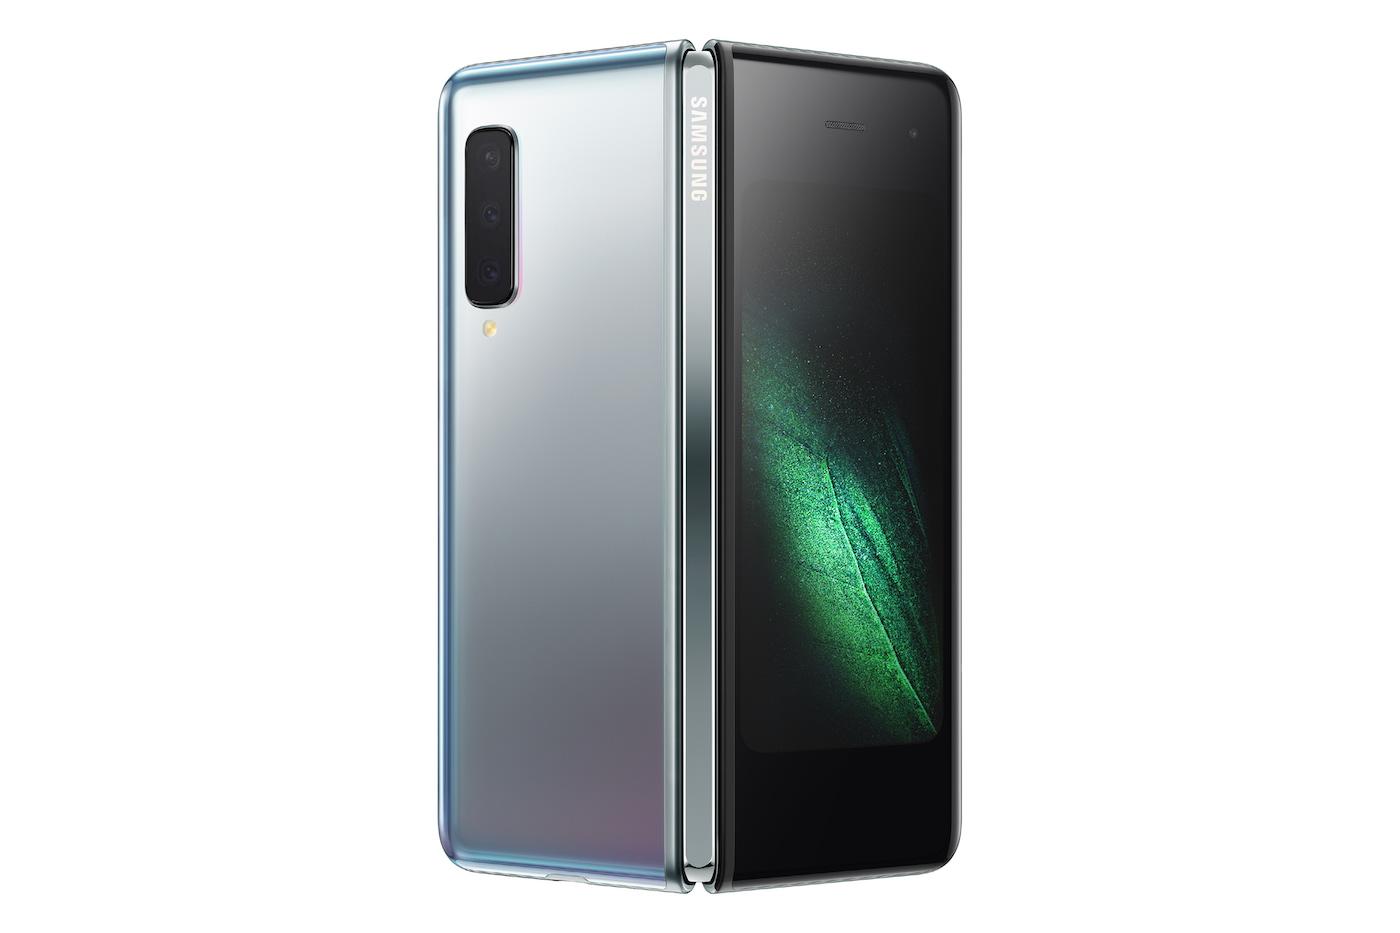 Das gefaltete Smartphone von Samsung: Das Galaxy Fold 2